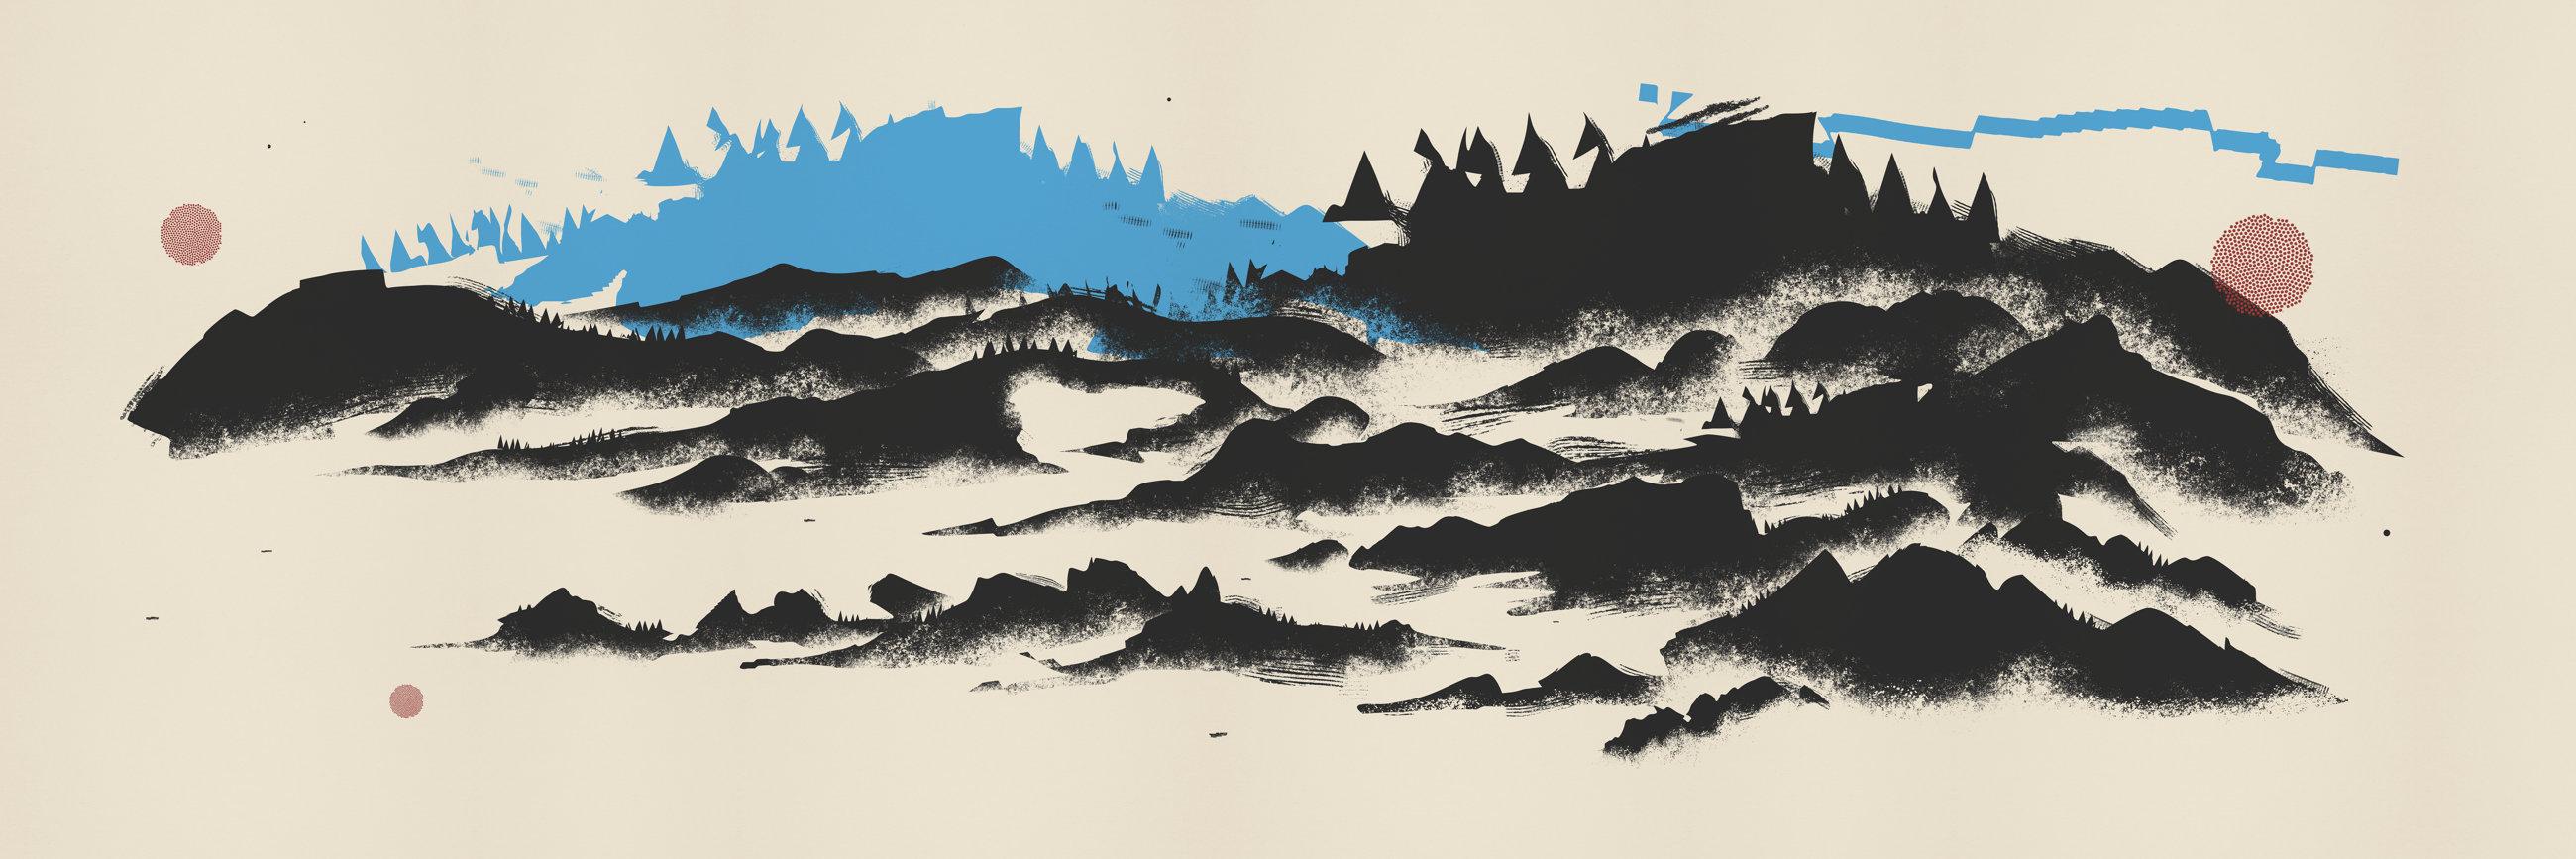 Gliese Shores